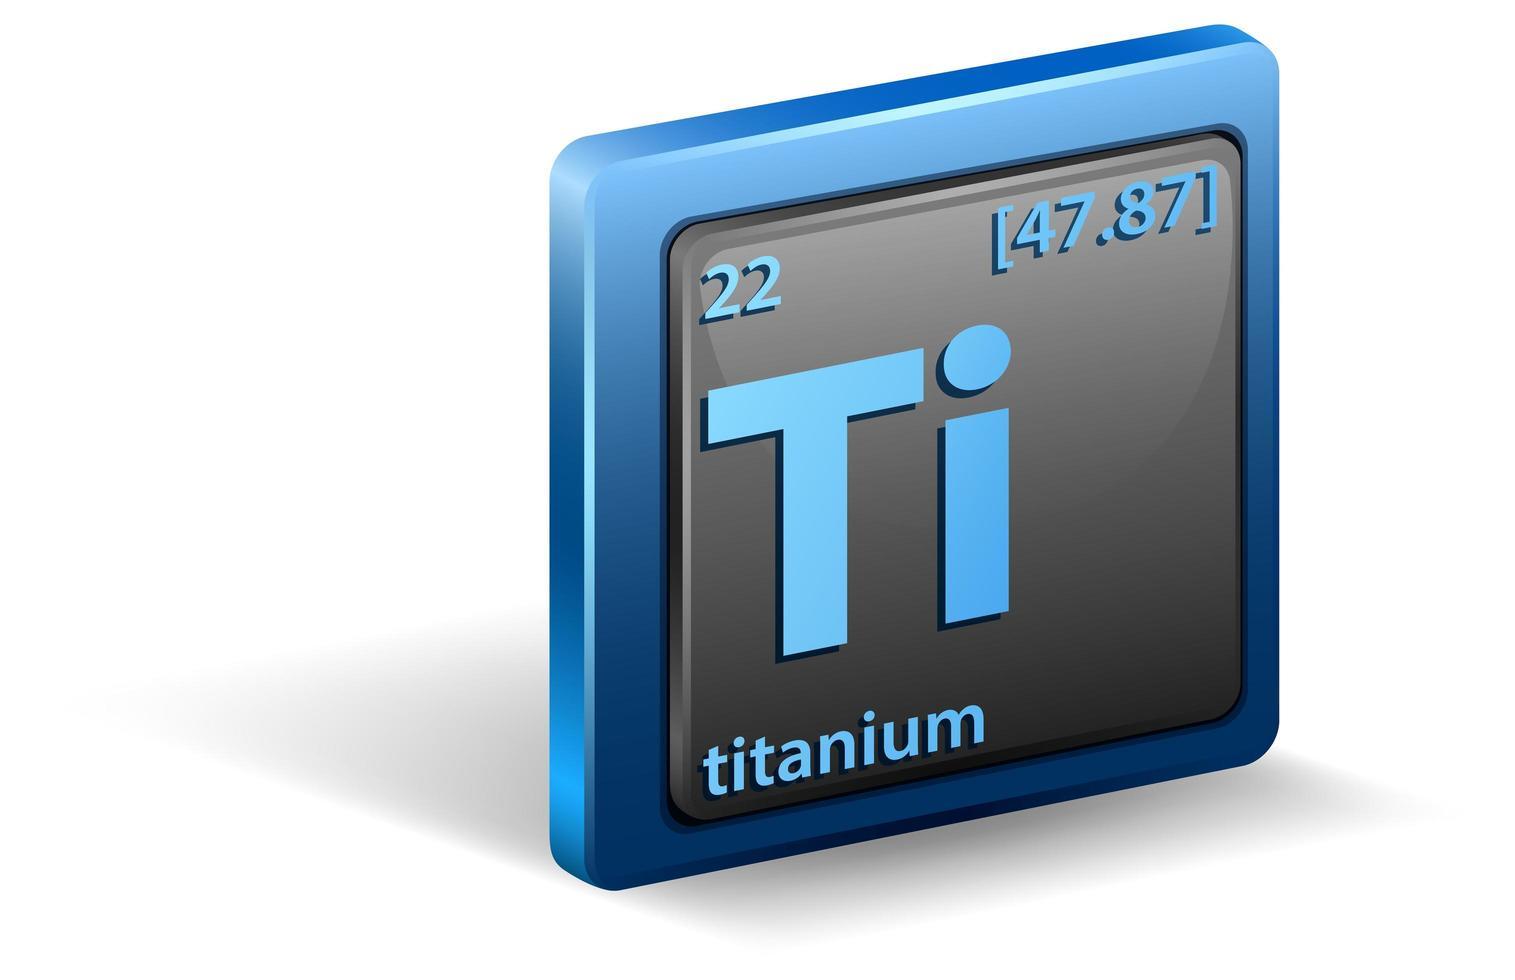 élément chimique en titane. symbole chimique avec numéro atomique et masse atomique. vecteur